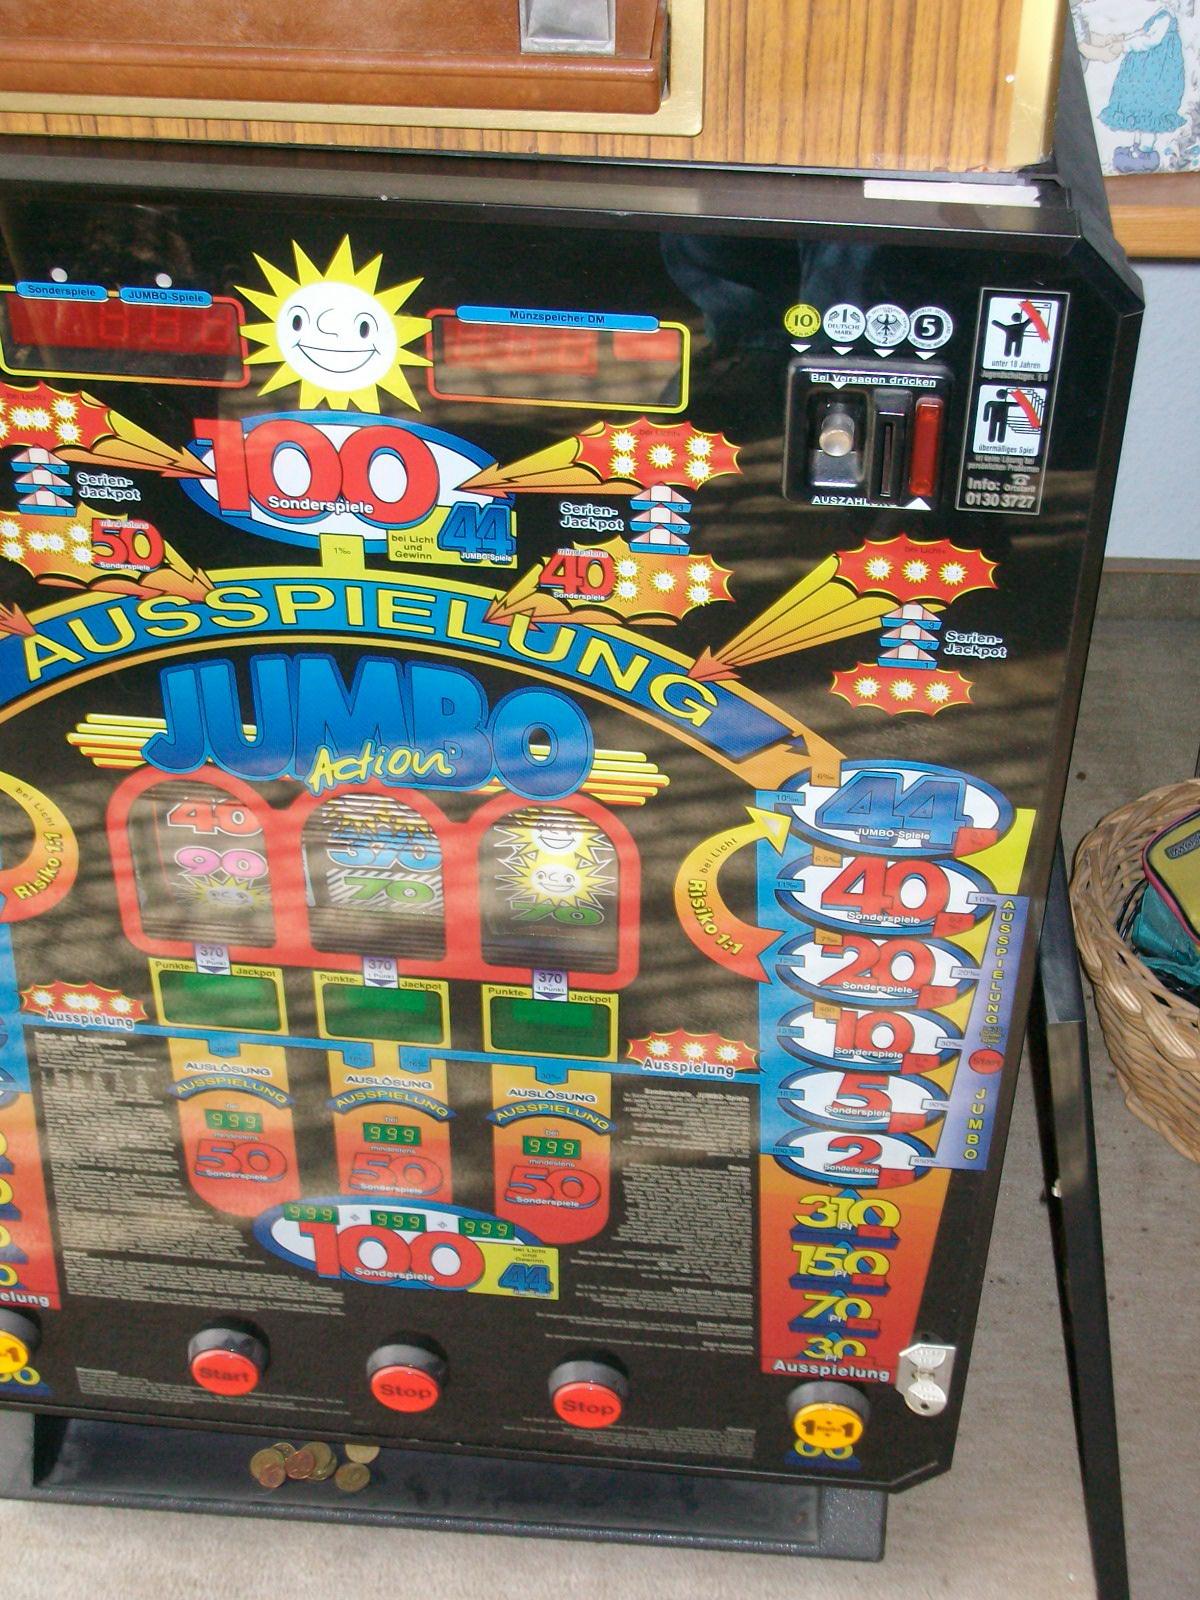 Ebay Kleinanzeigen Spielautomaten